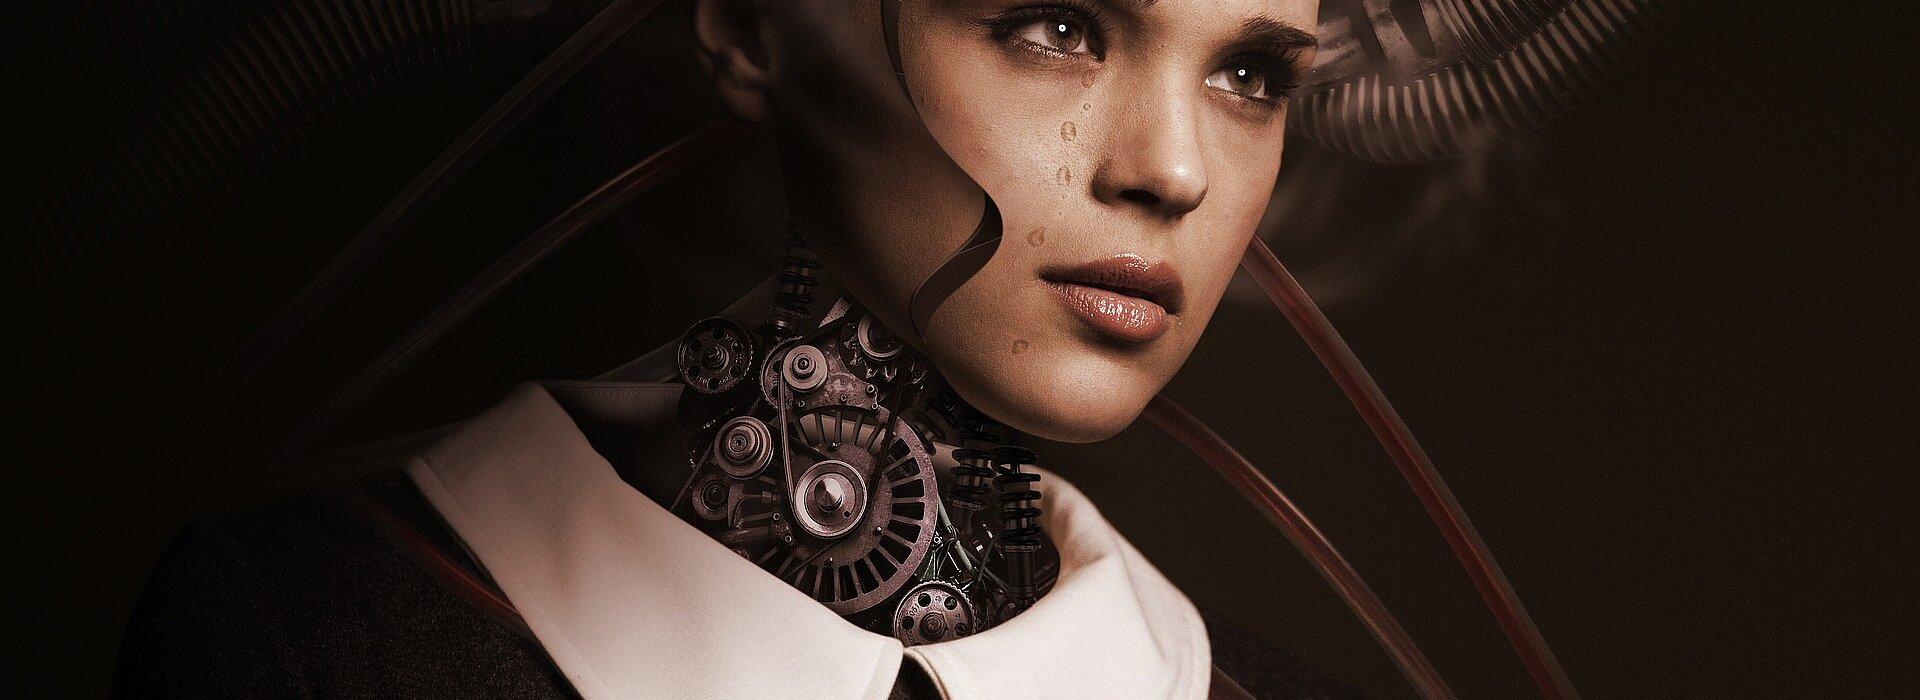 um robô extremamente parecido com um ser humano